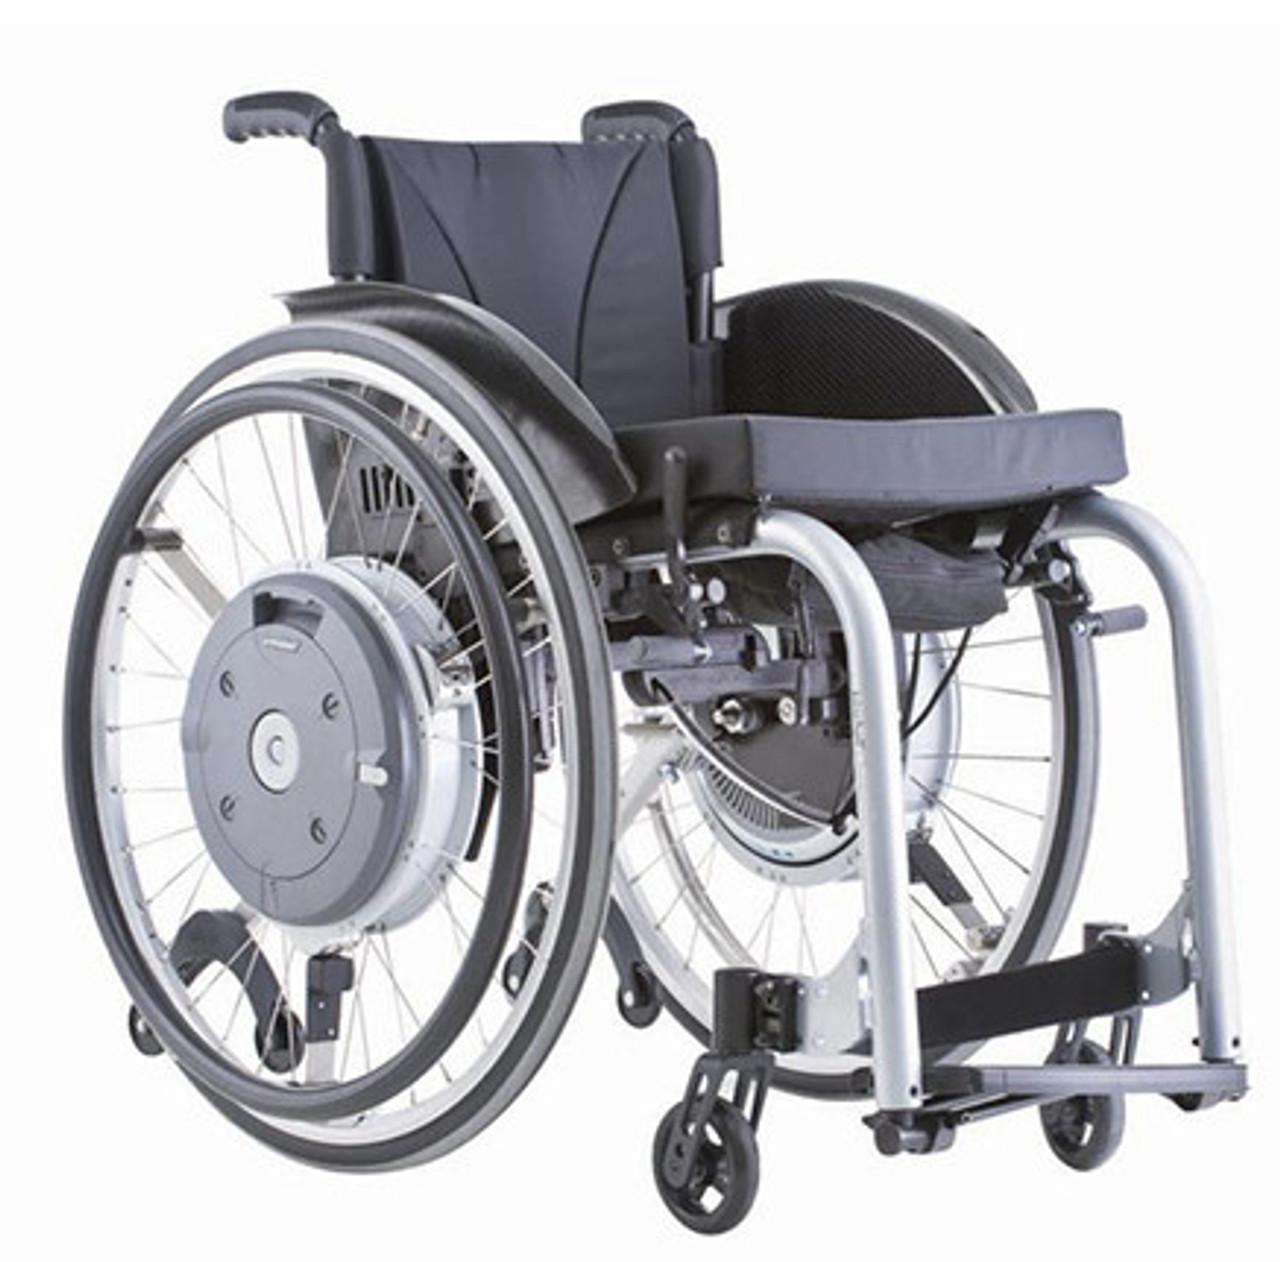 E-Motion M15 Power Assist Wheelchair Wheels